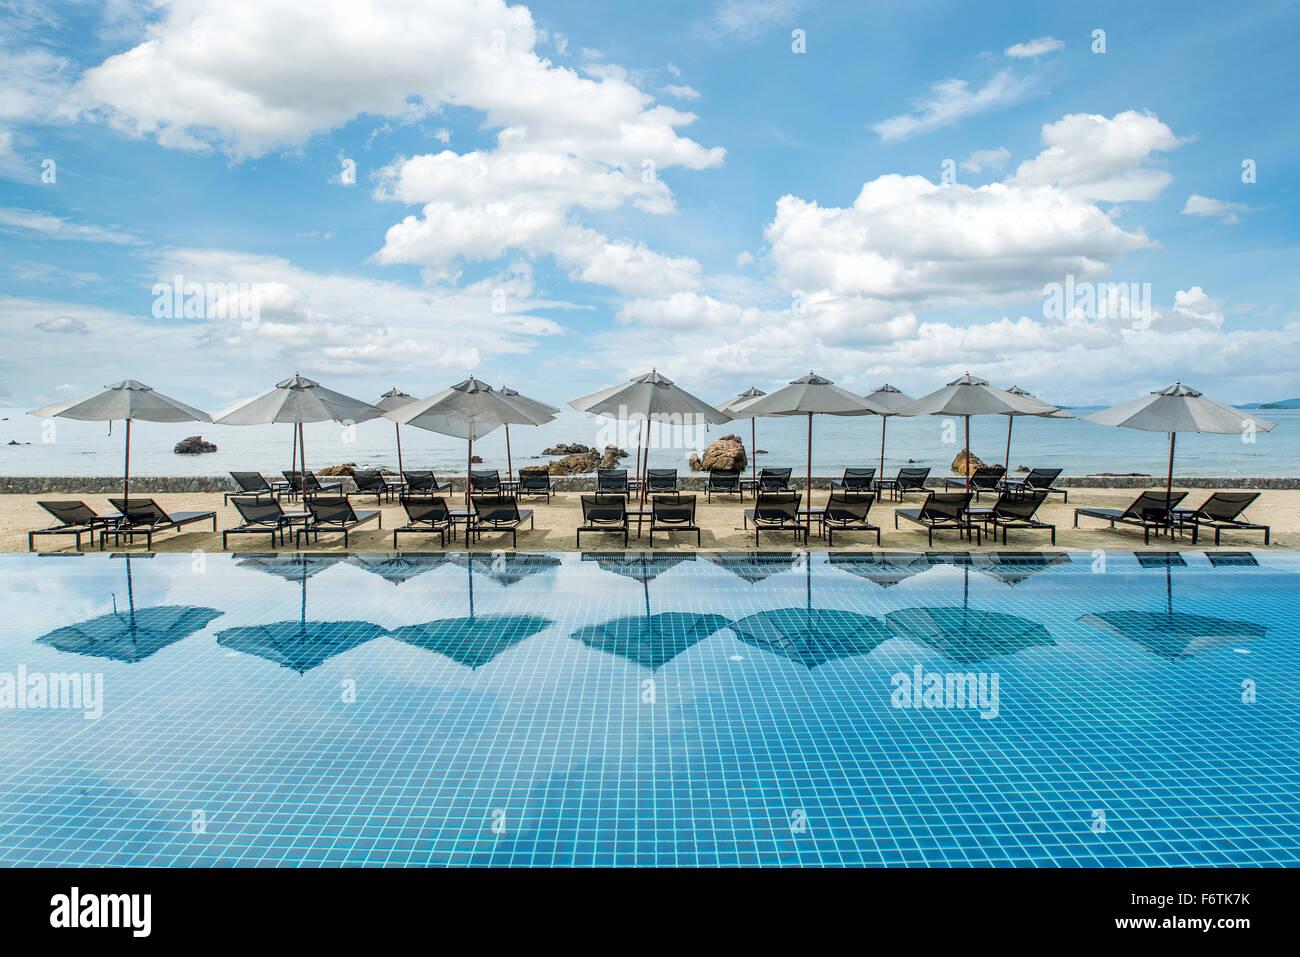 L'été, les voyages, vacances et Maison de Vacances - concept Tropical beach resort avec chaises longues Photo Stock